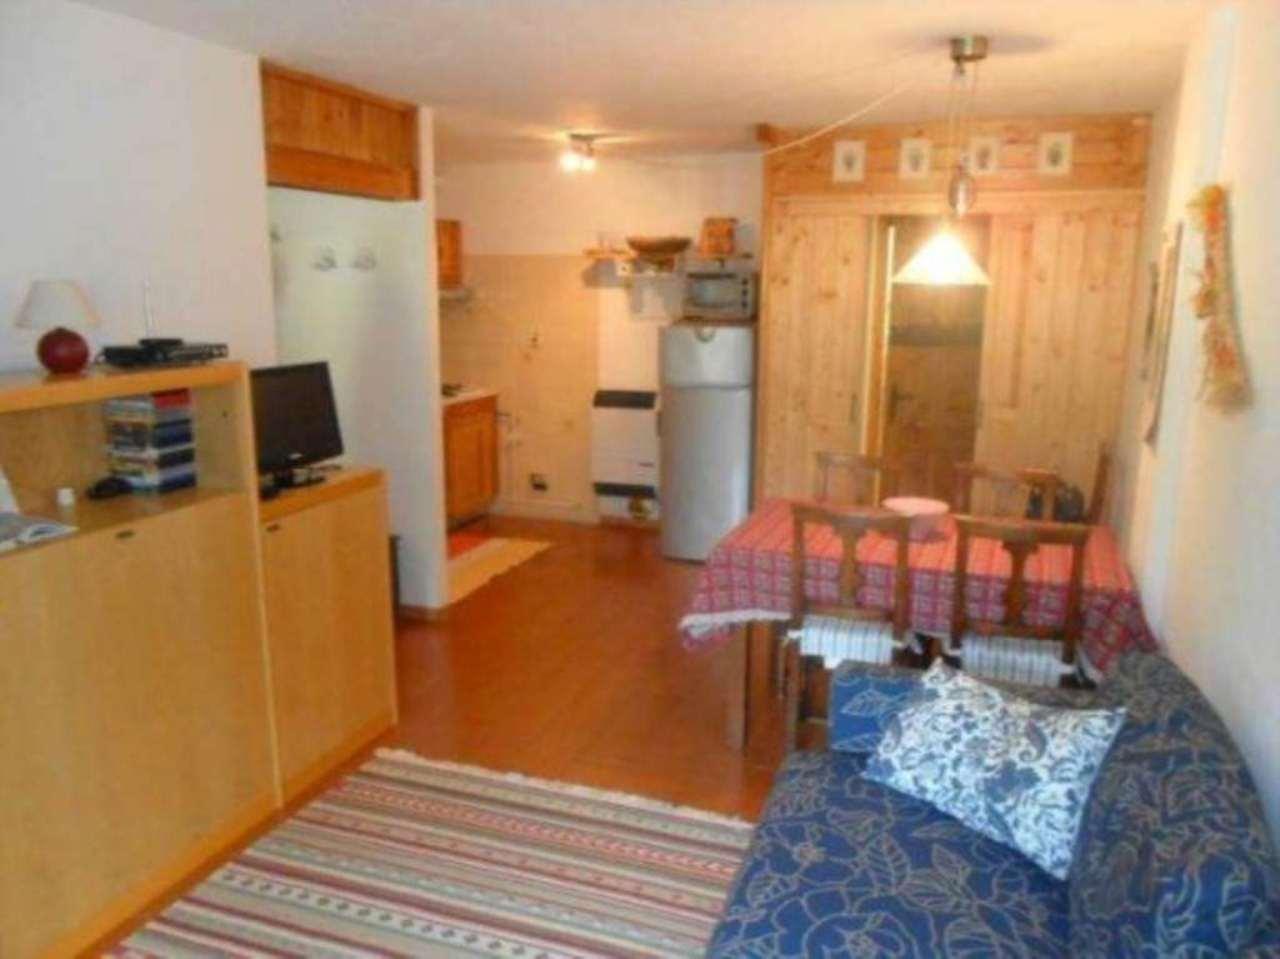 Appartamento in vendita a Saint-Oyen, 3 locali, prezzo € 135.000 | Cambio Casa.it